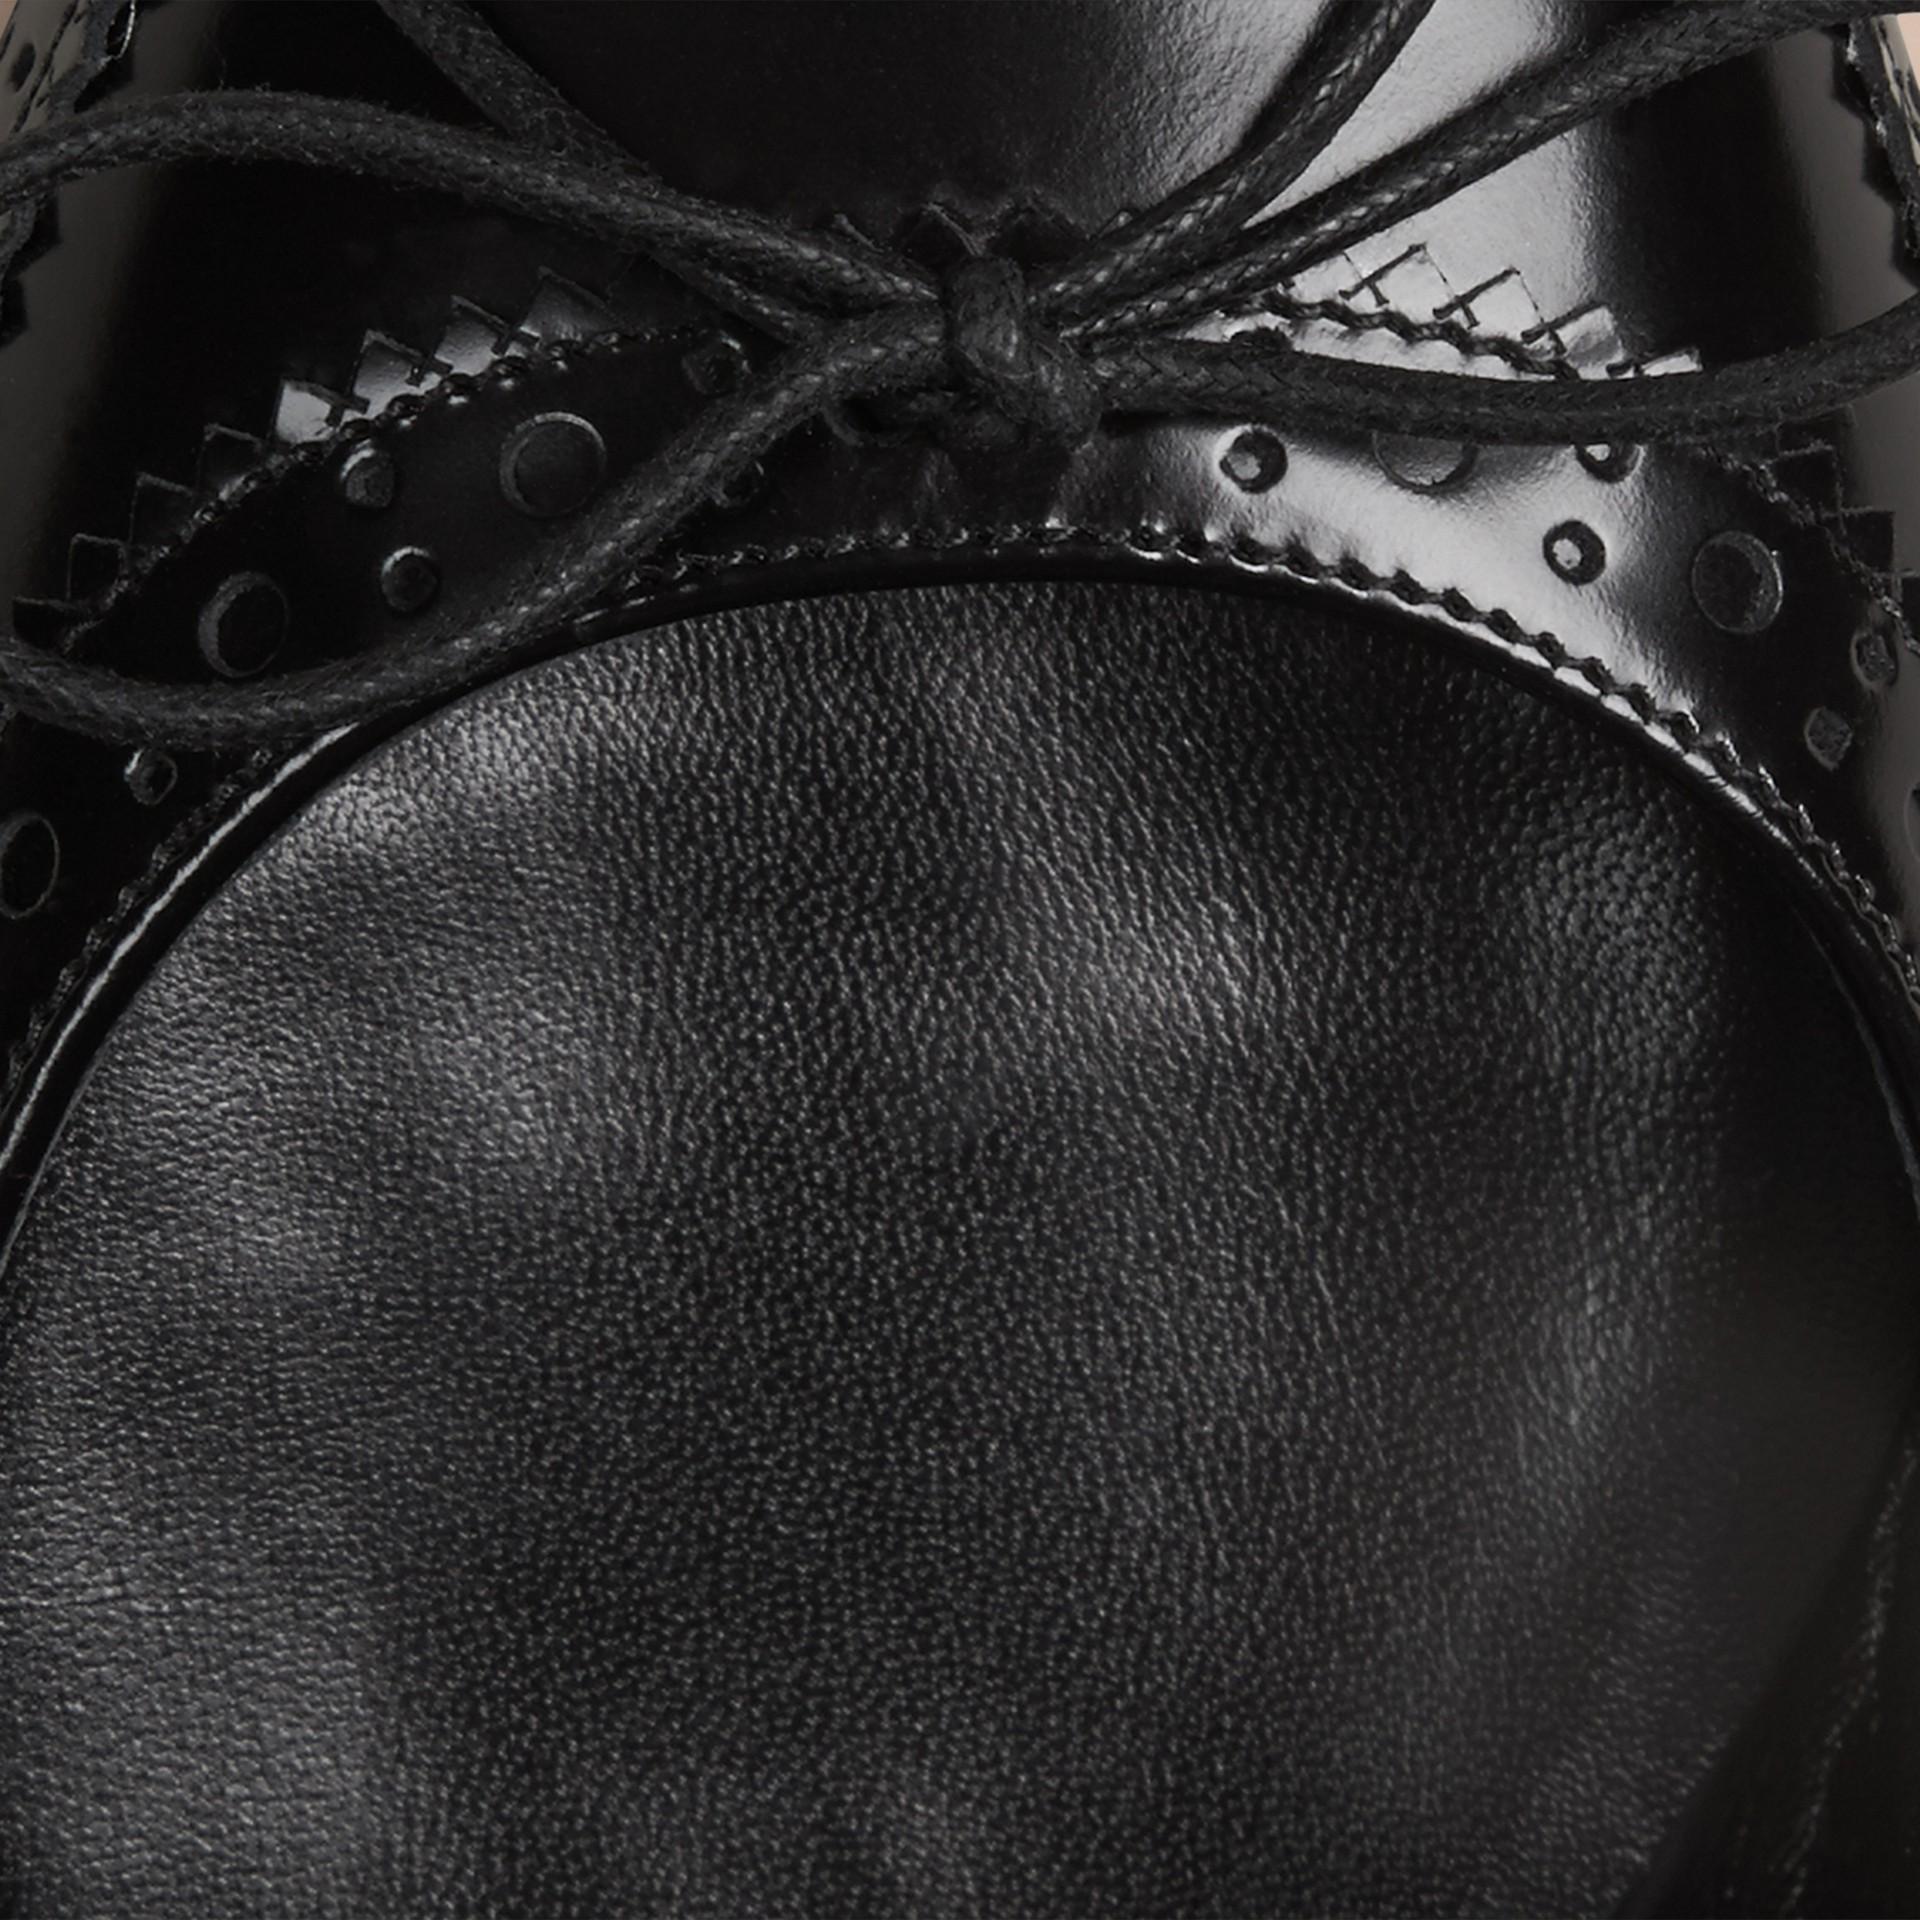 Nero Ballerine in pelle con dettaglio brogue - immagine della galleria 2